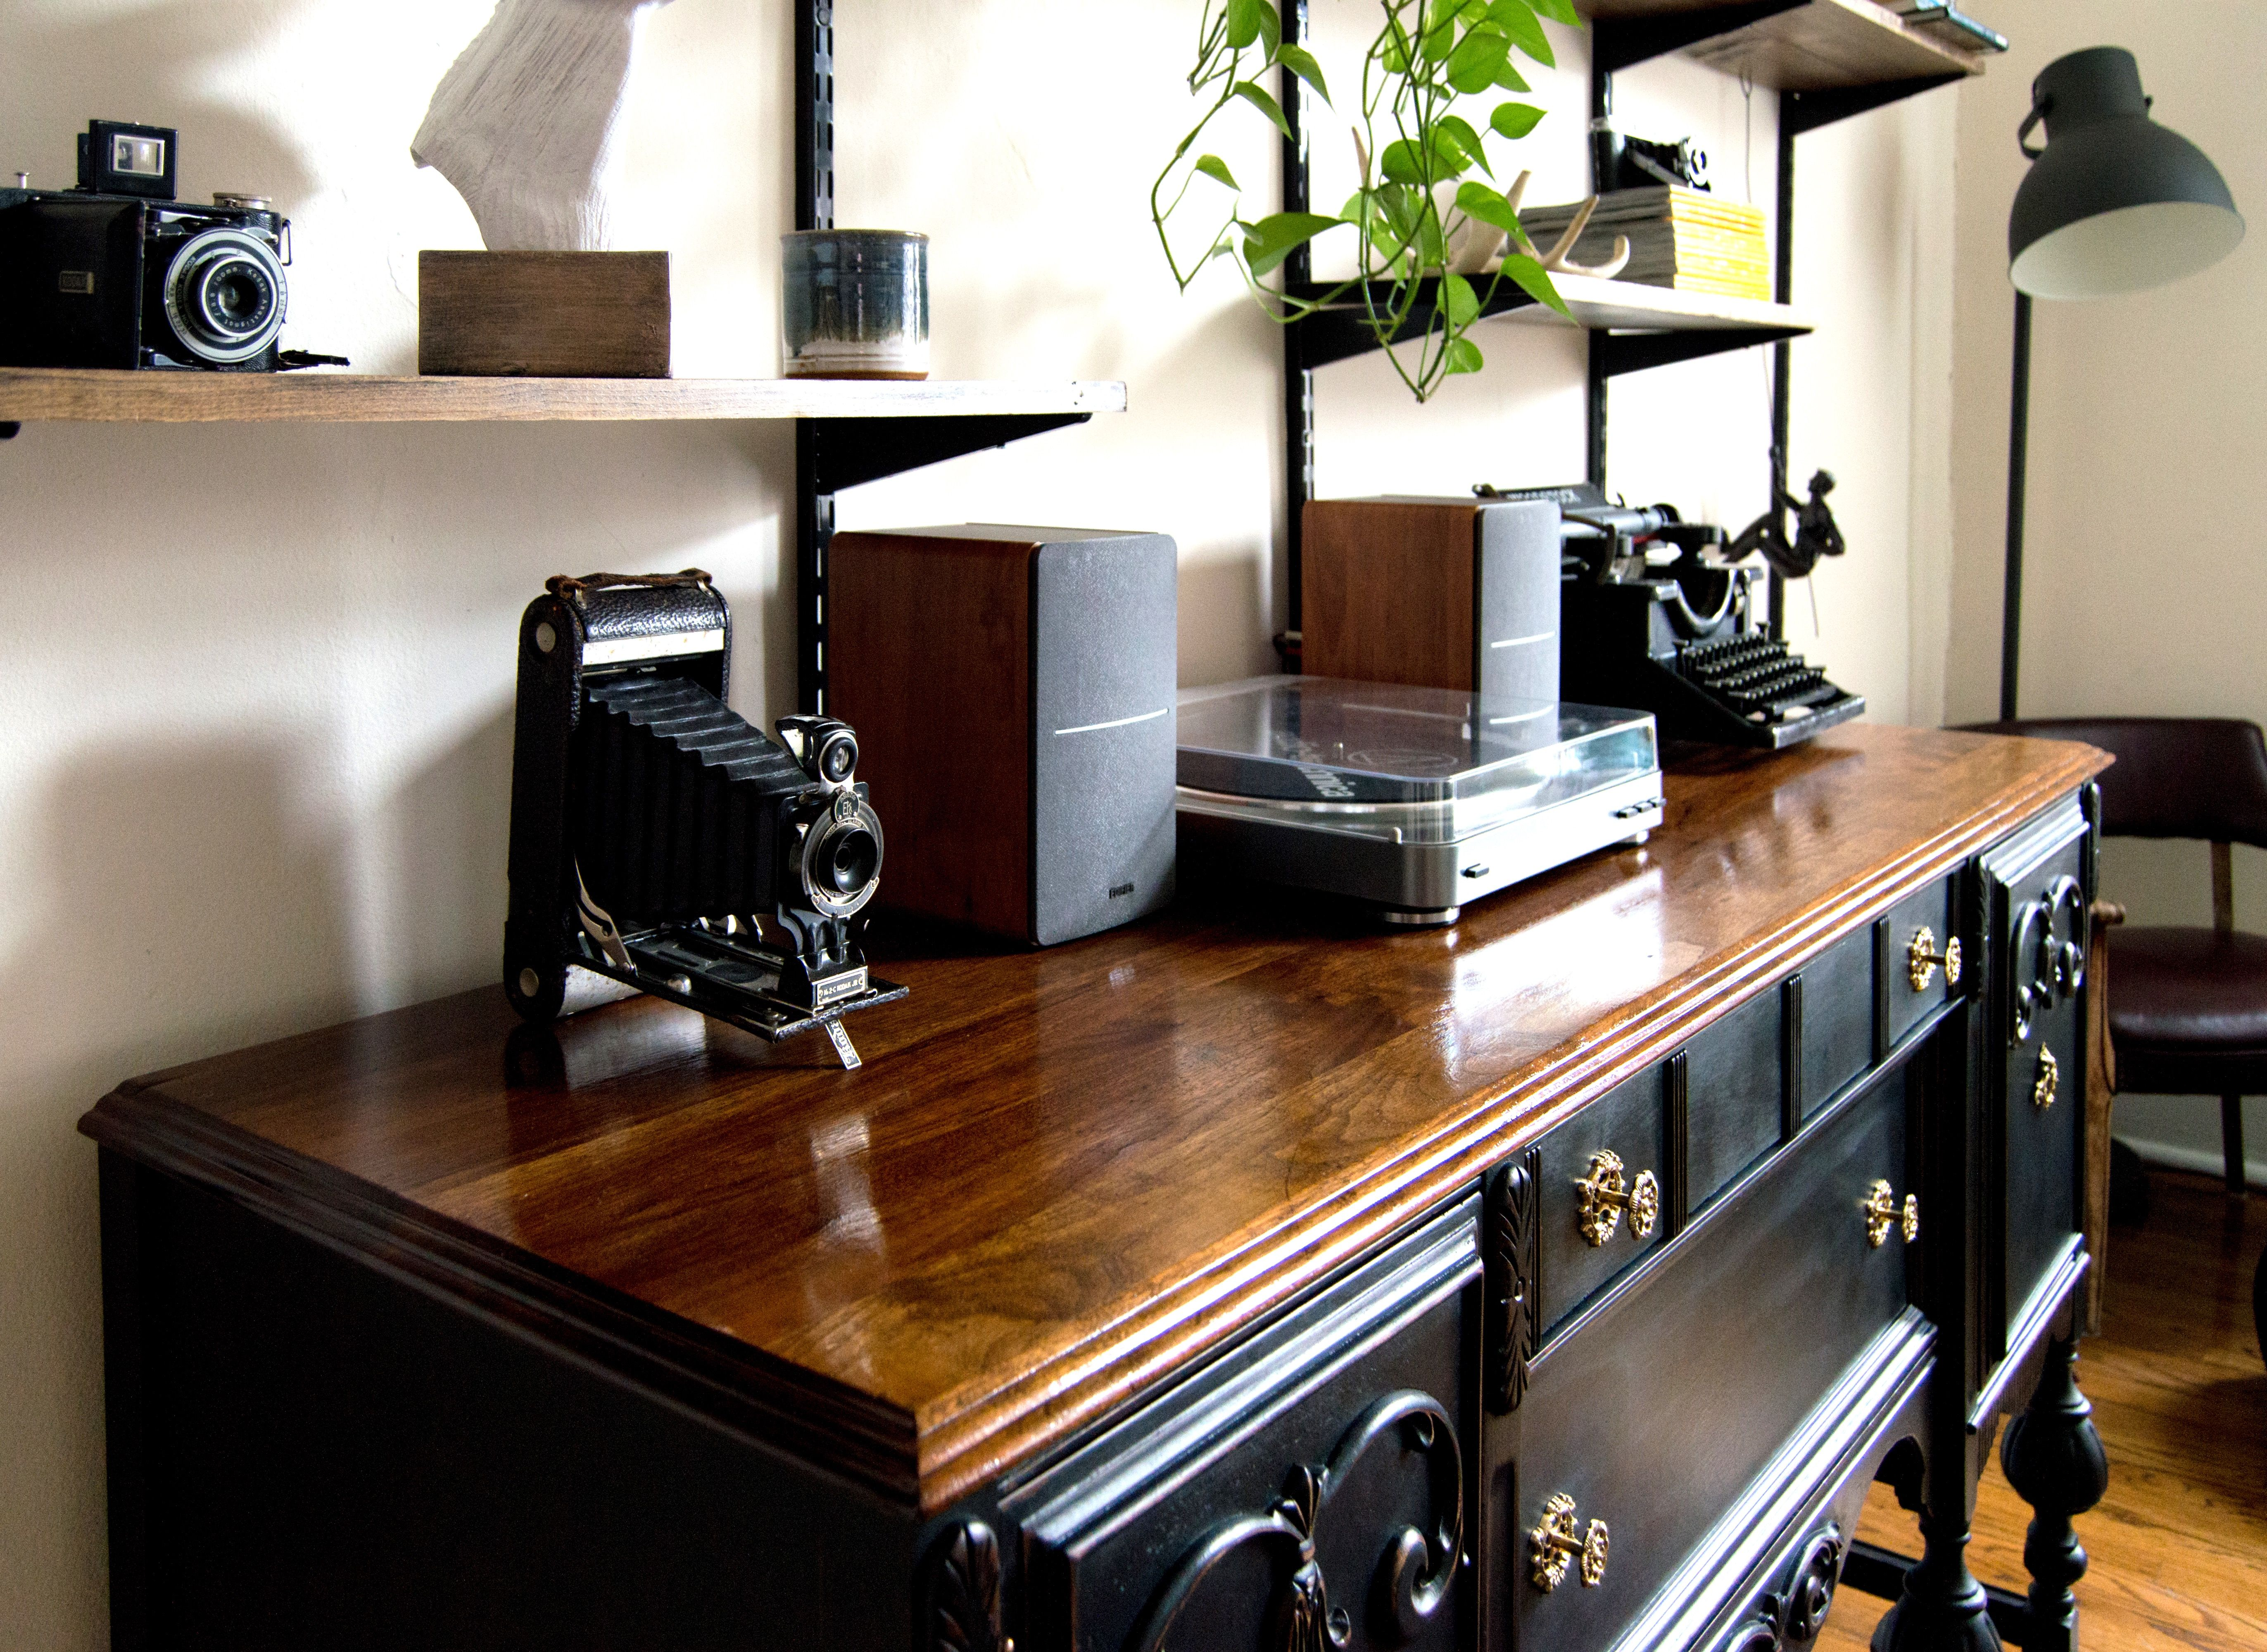 Brilliant Antique Buffet Restoration Using Black Chalk Paint Diy Download Free Architecture Designs Embacsunscenecom